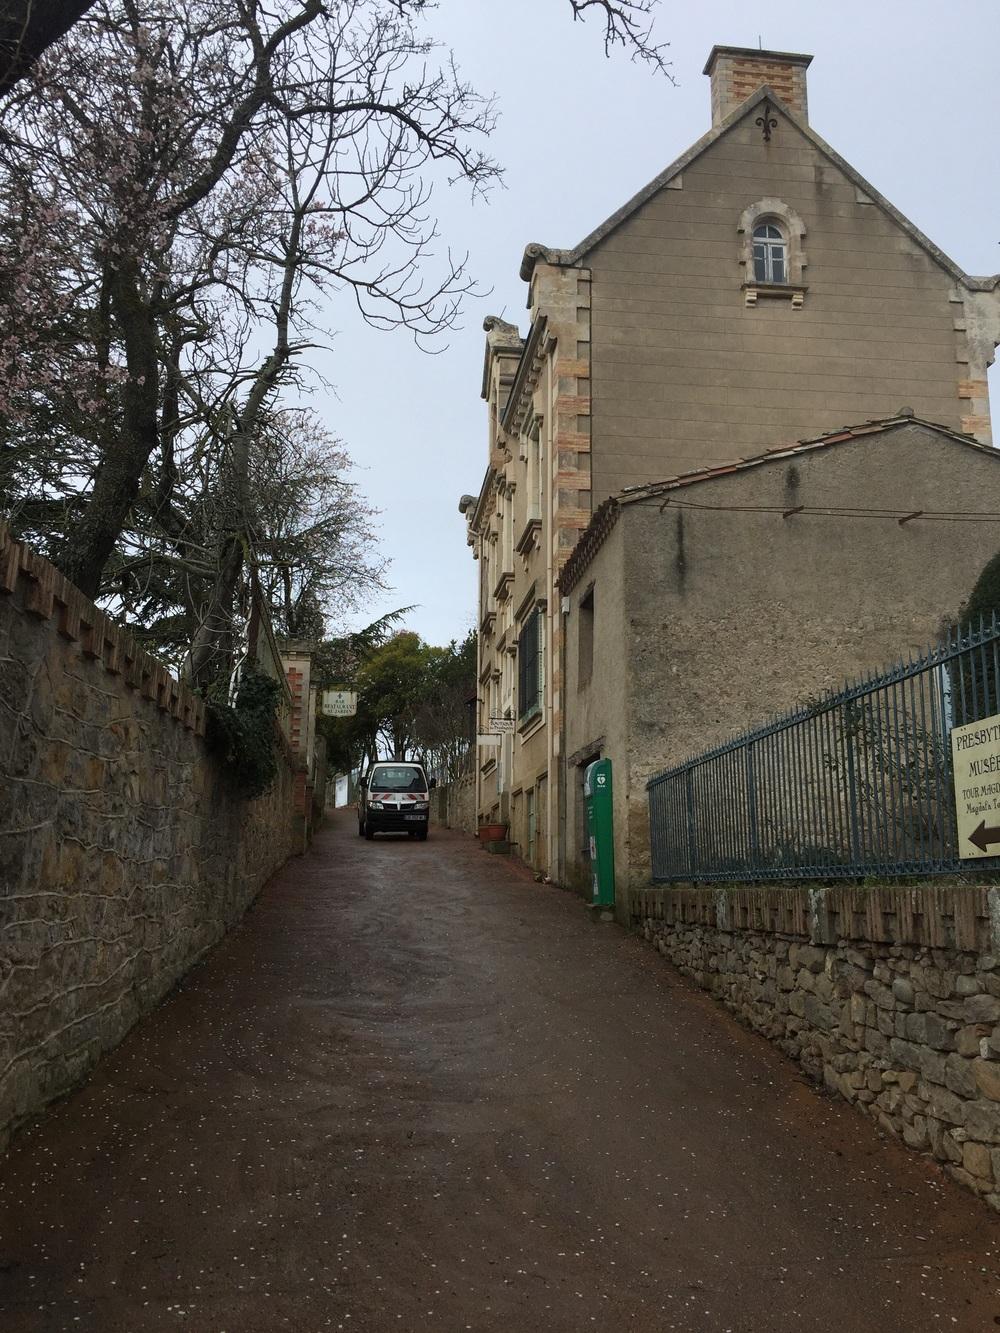 Rennes-le-Chateau-jessewaugh.com.jpg